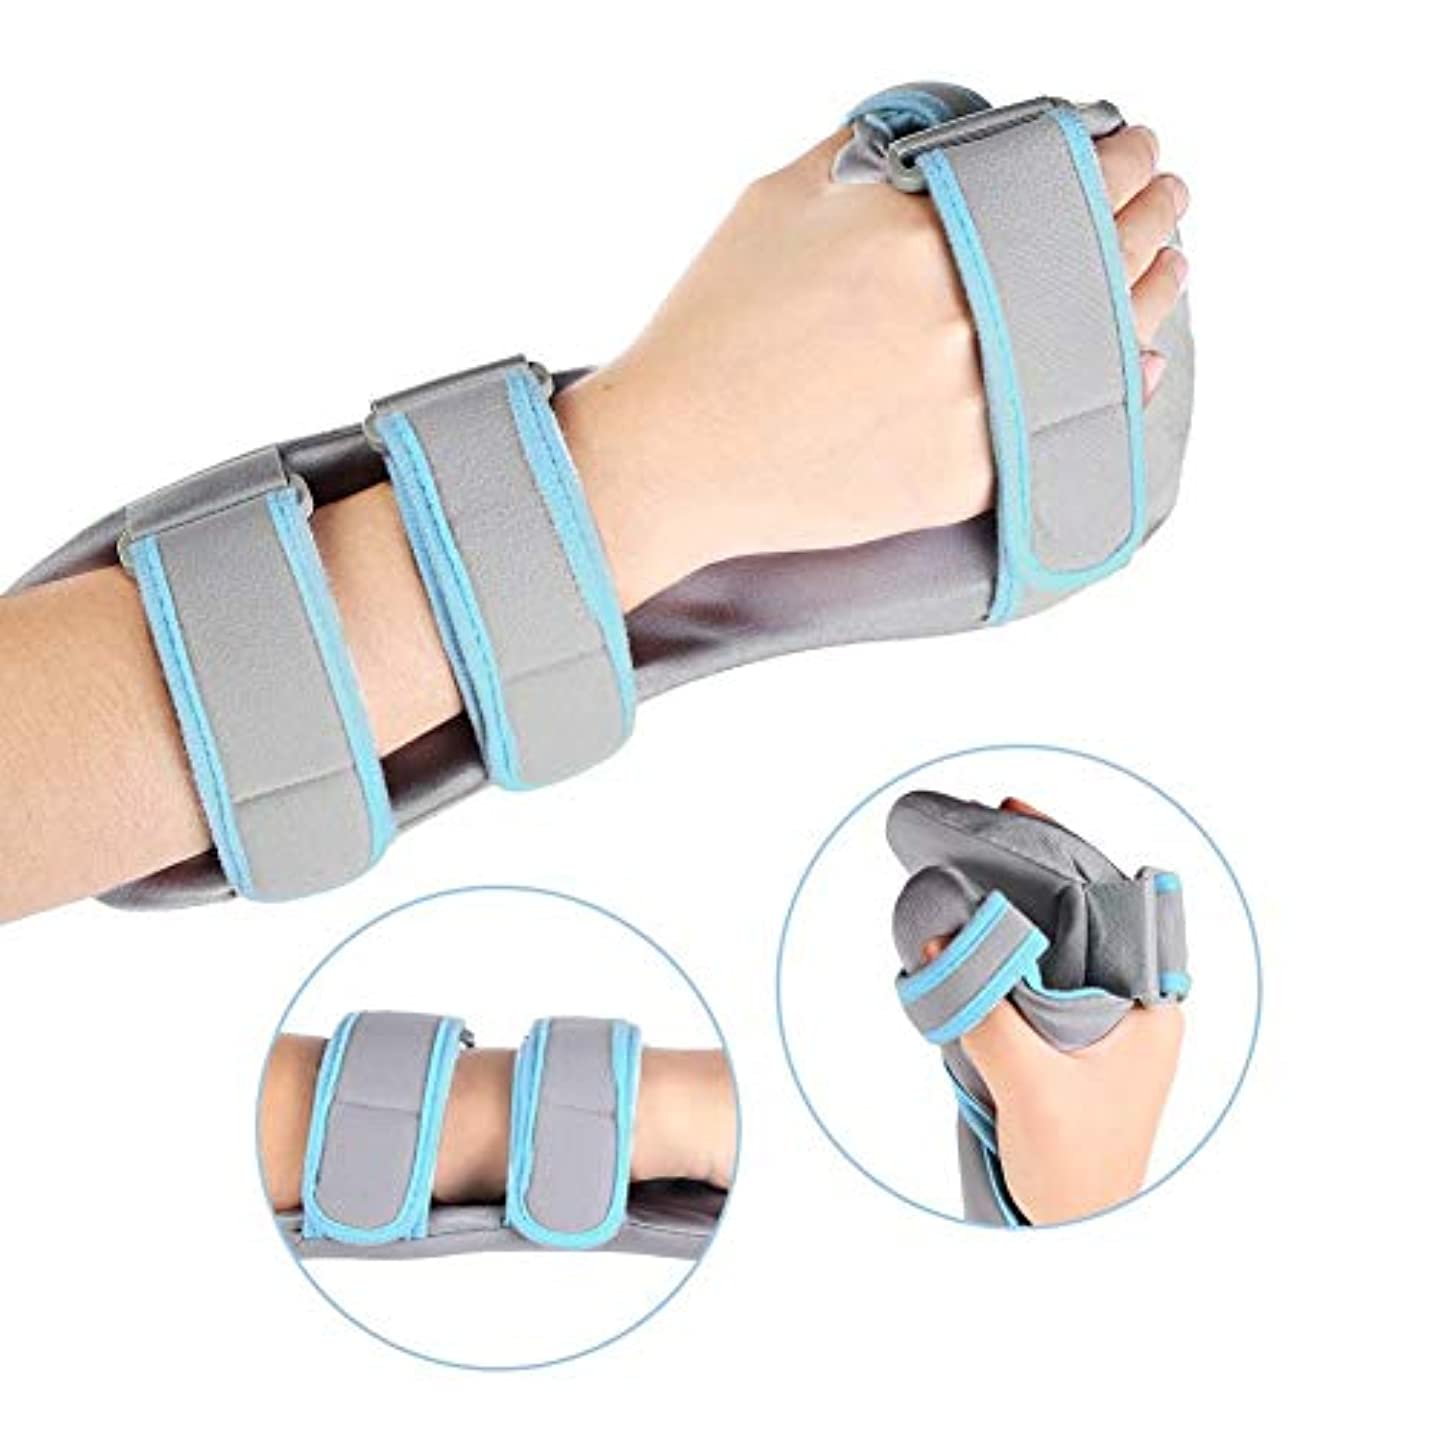 メイトエチケットホップ手首のサポート、手根管、骨折、捻rain、関節痛の軽減のための調節可能な通気性の手のサポート,Right,S